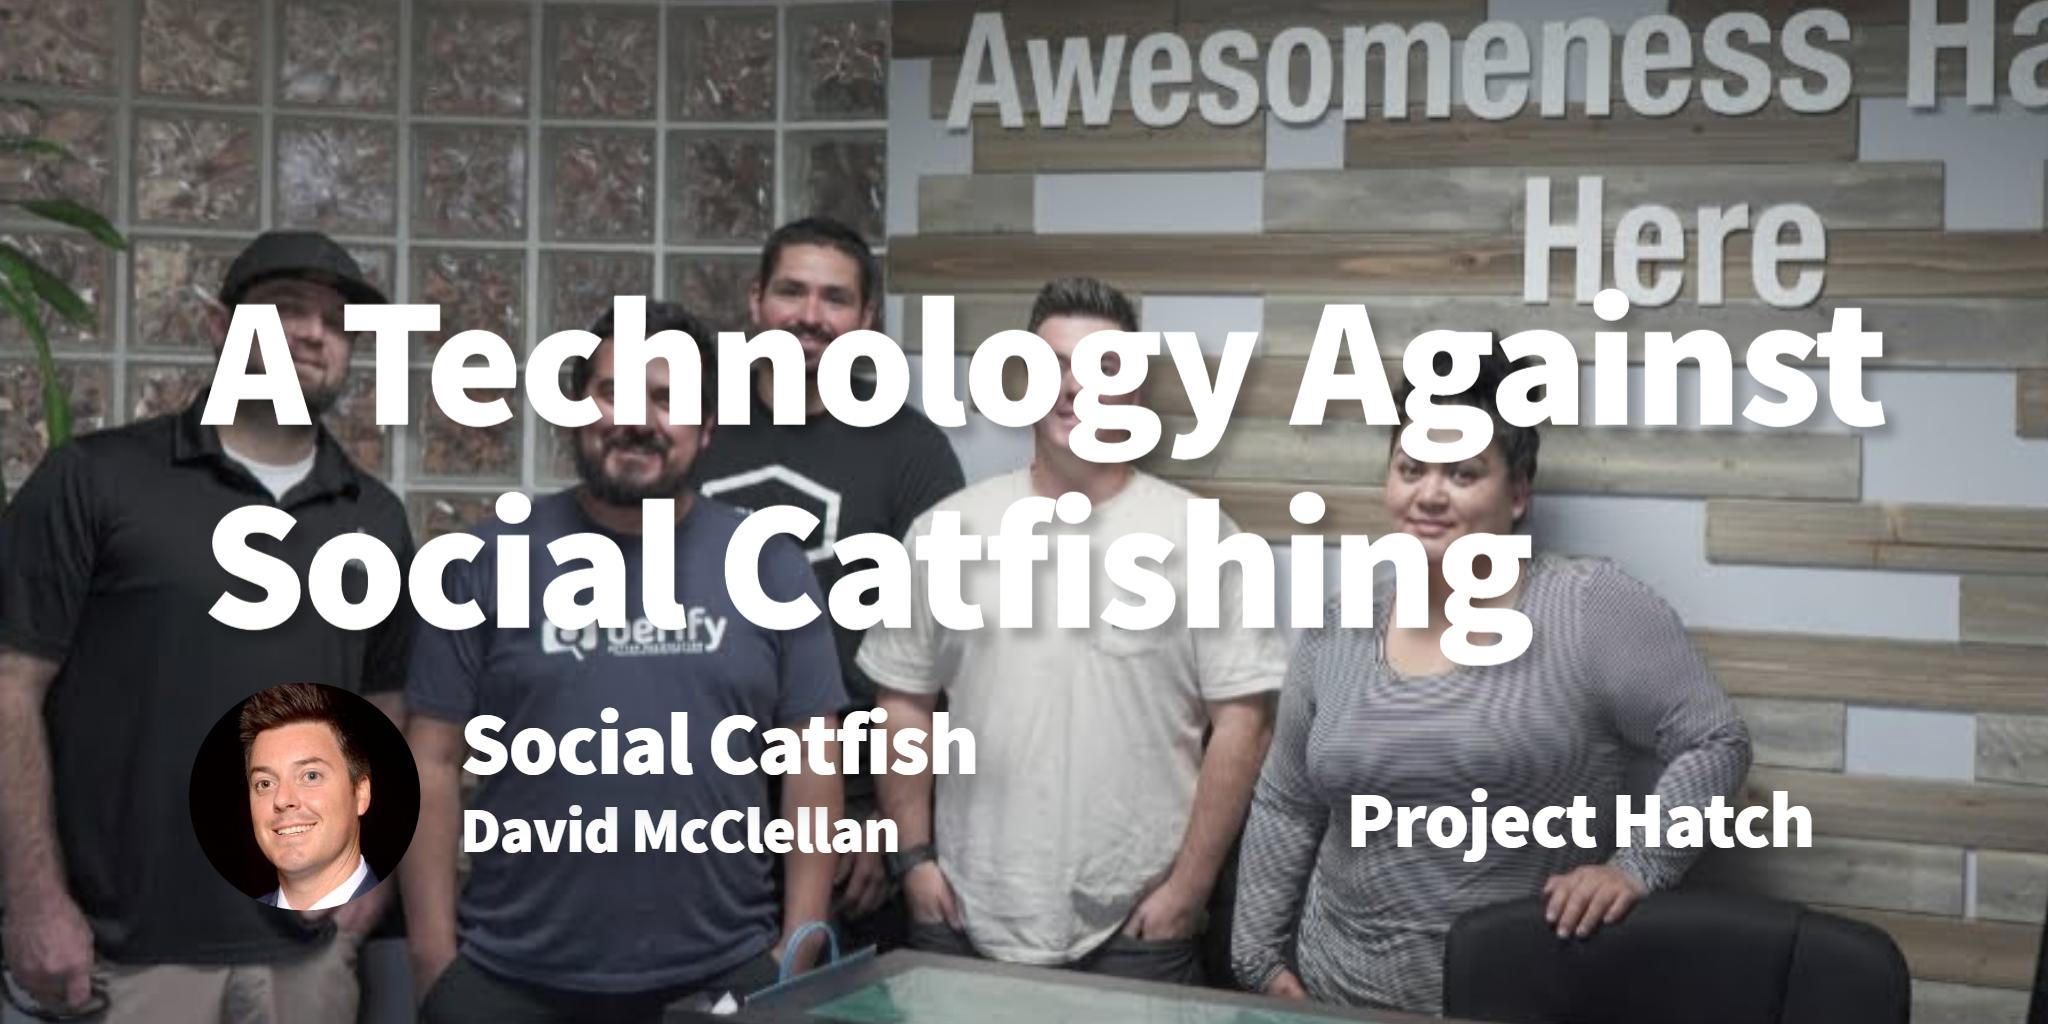 Social Catfish David McClellan